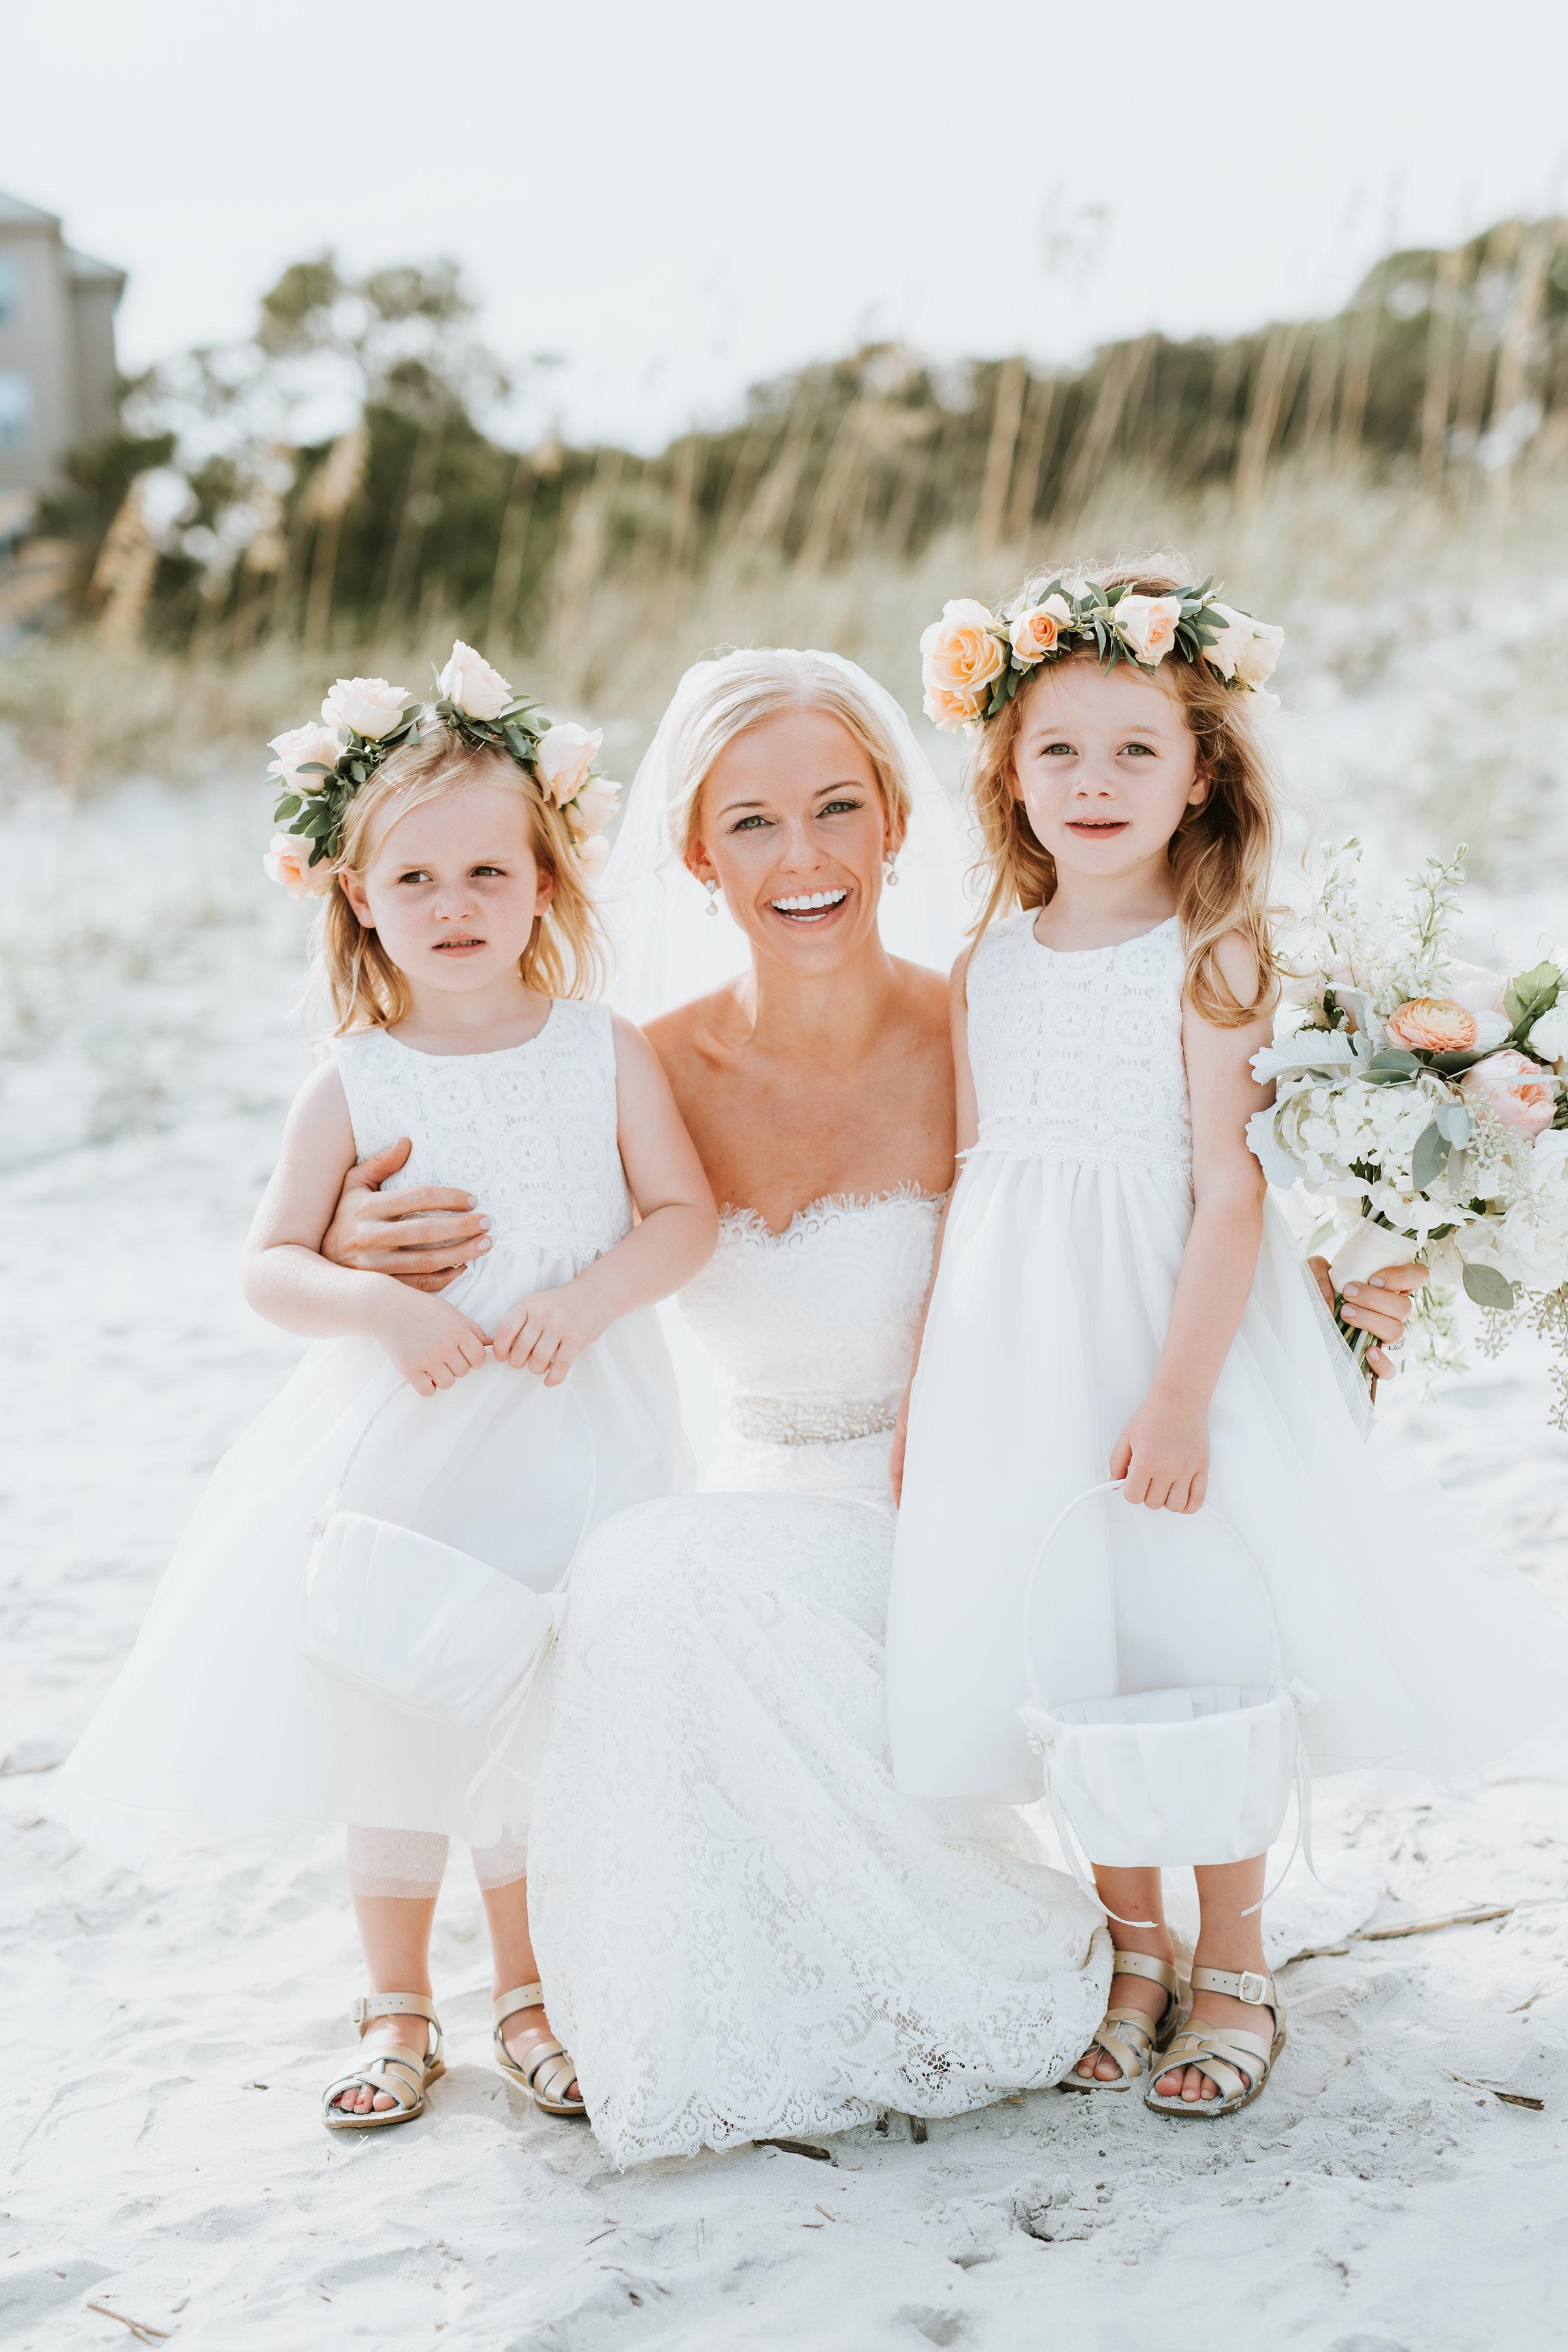 omni-hilton-head-wedding-44.jpg